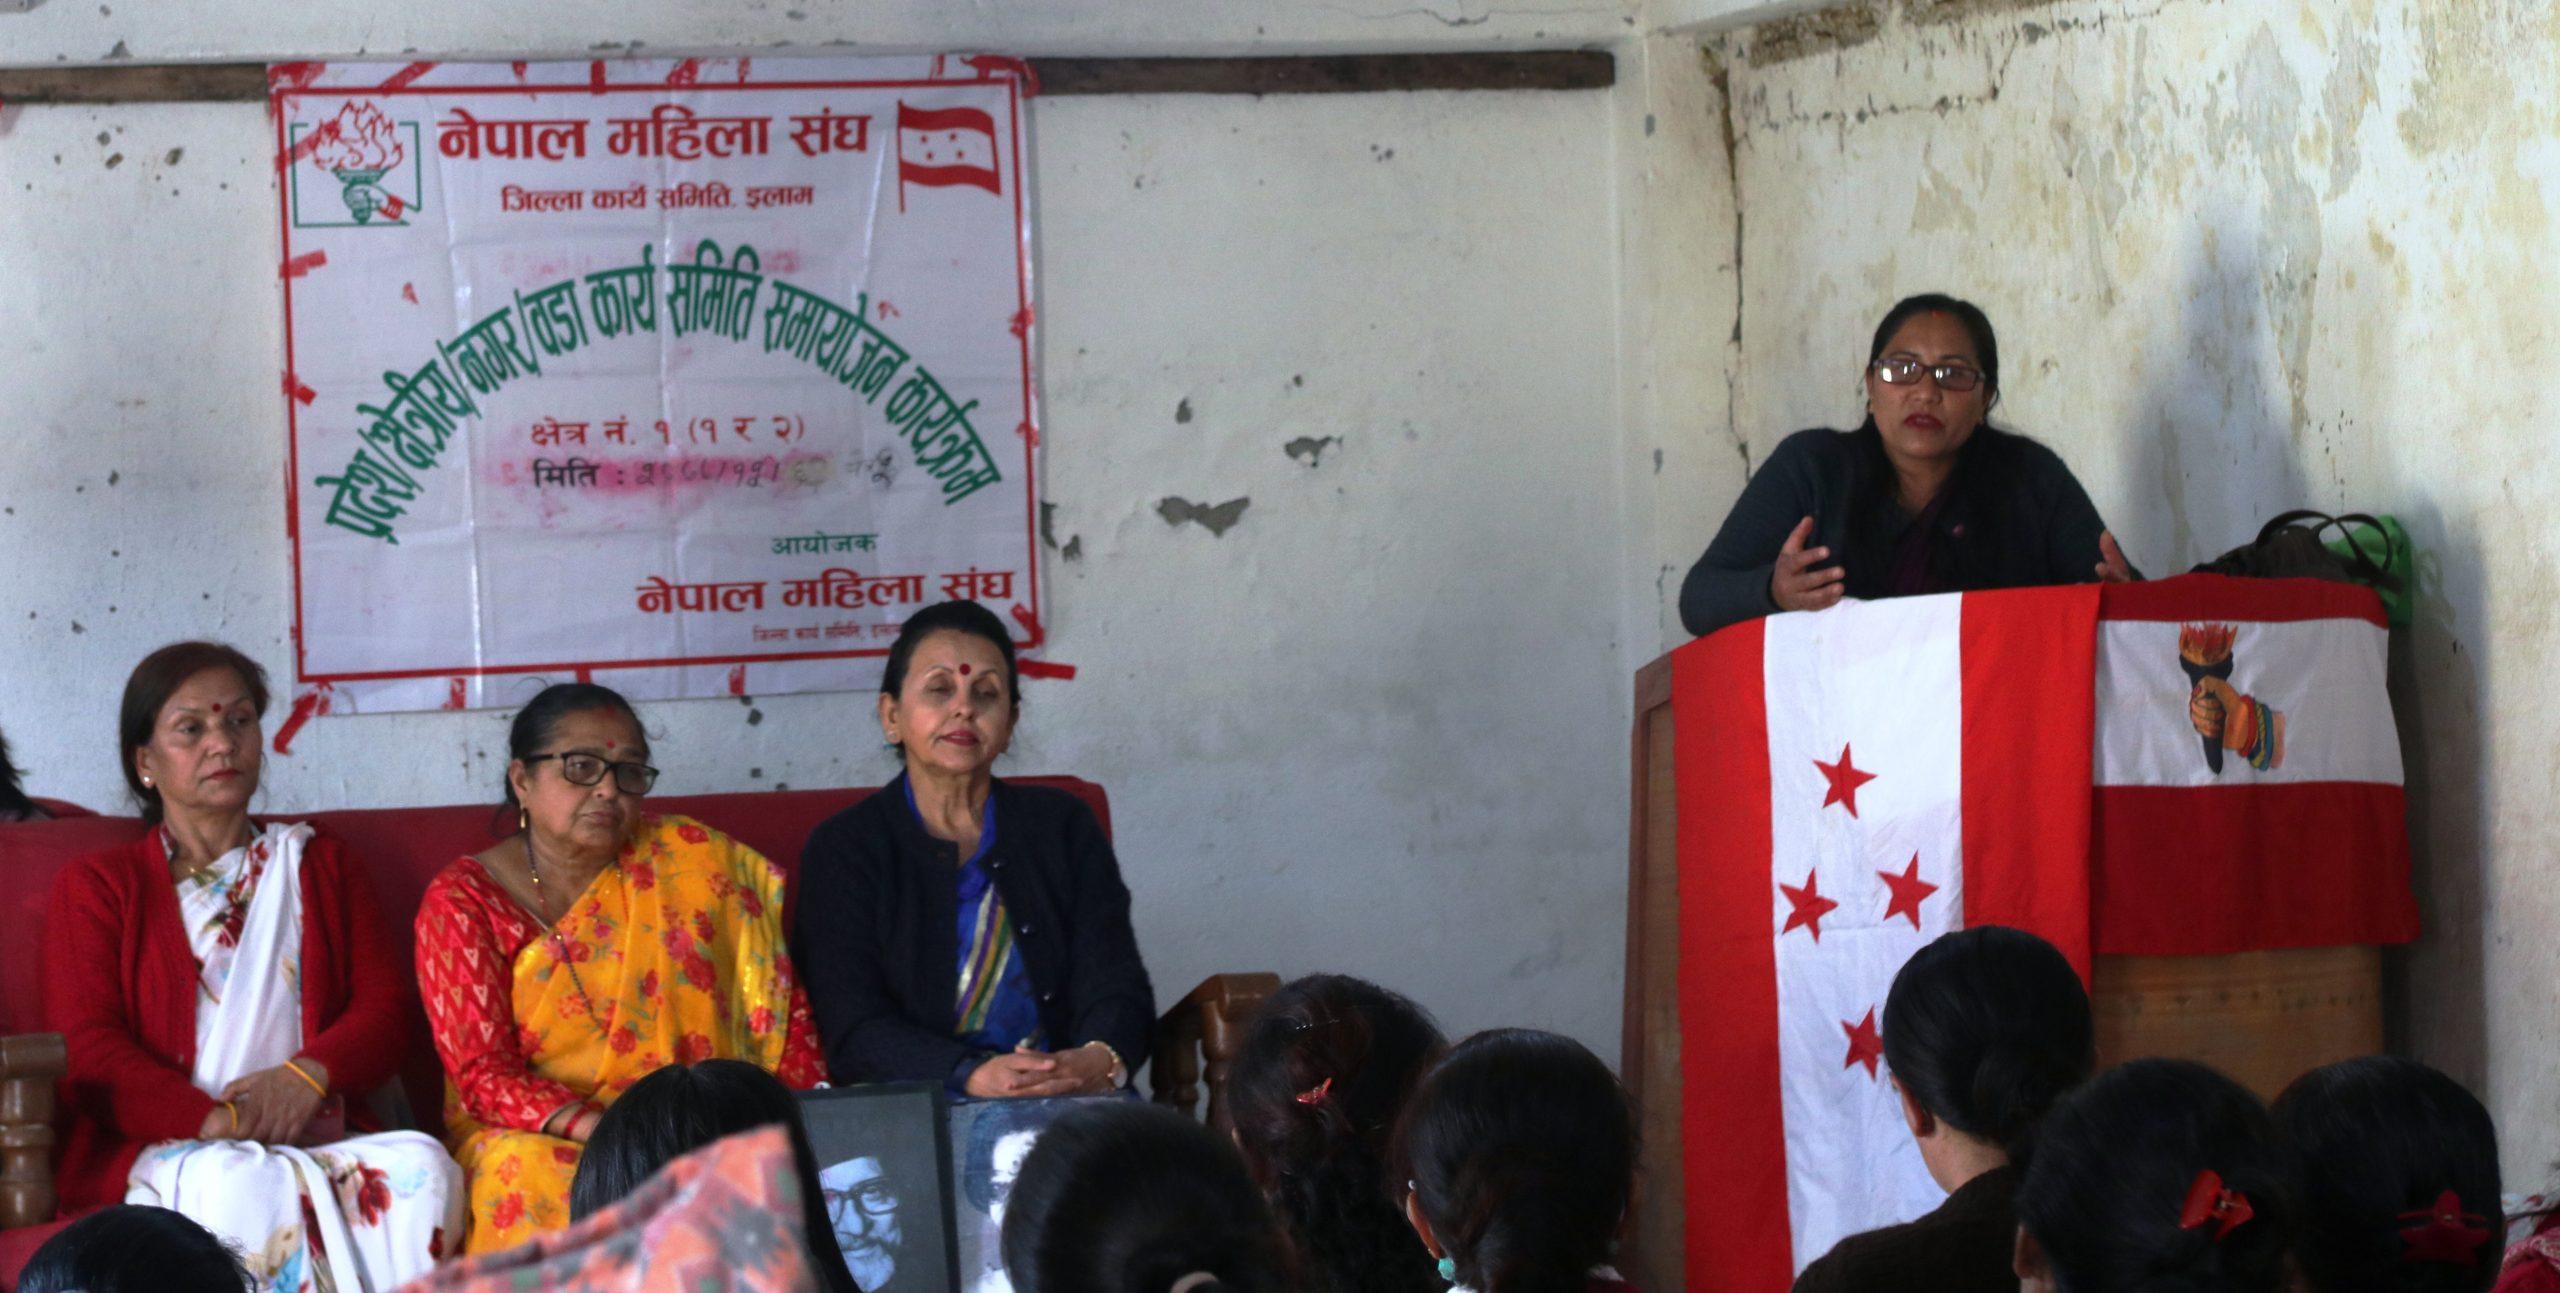 प्रधानको नेतृत्वमा महिला संघ समायोजन